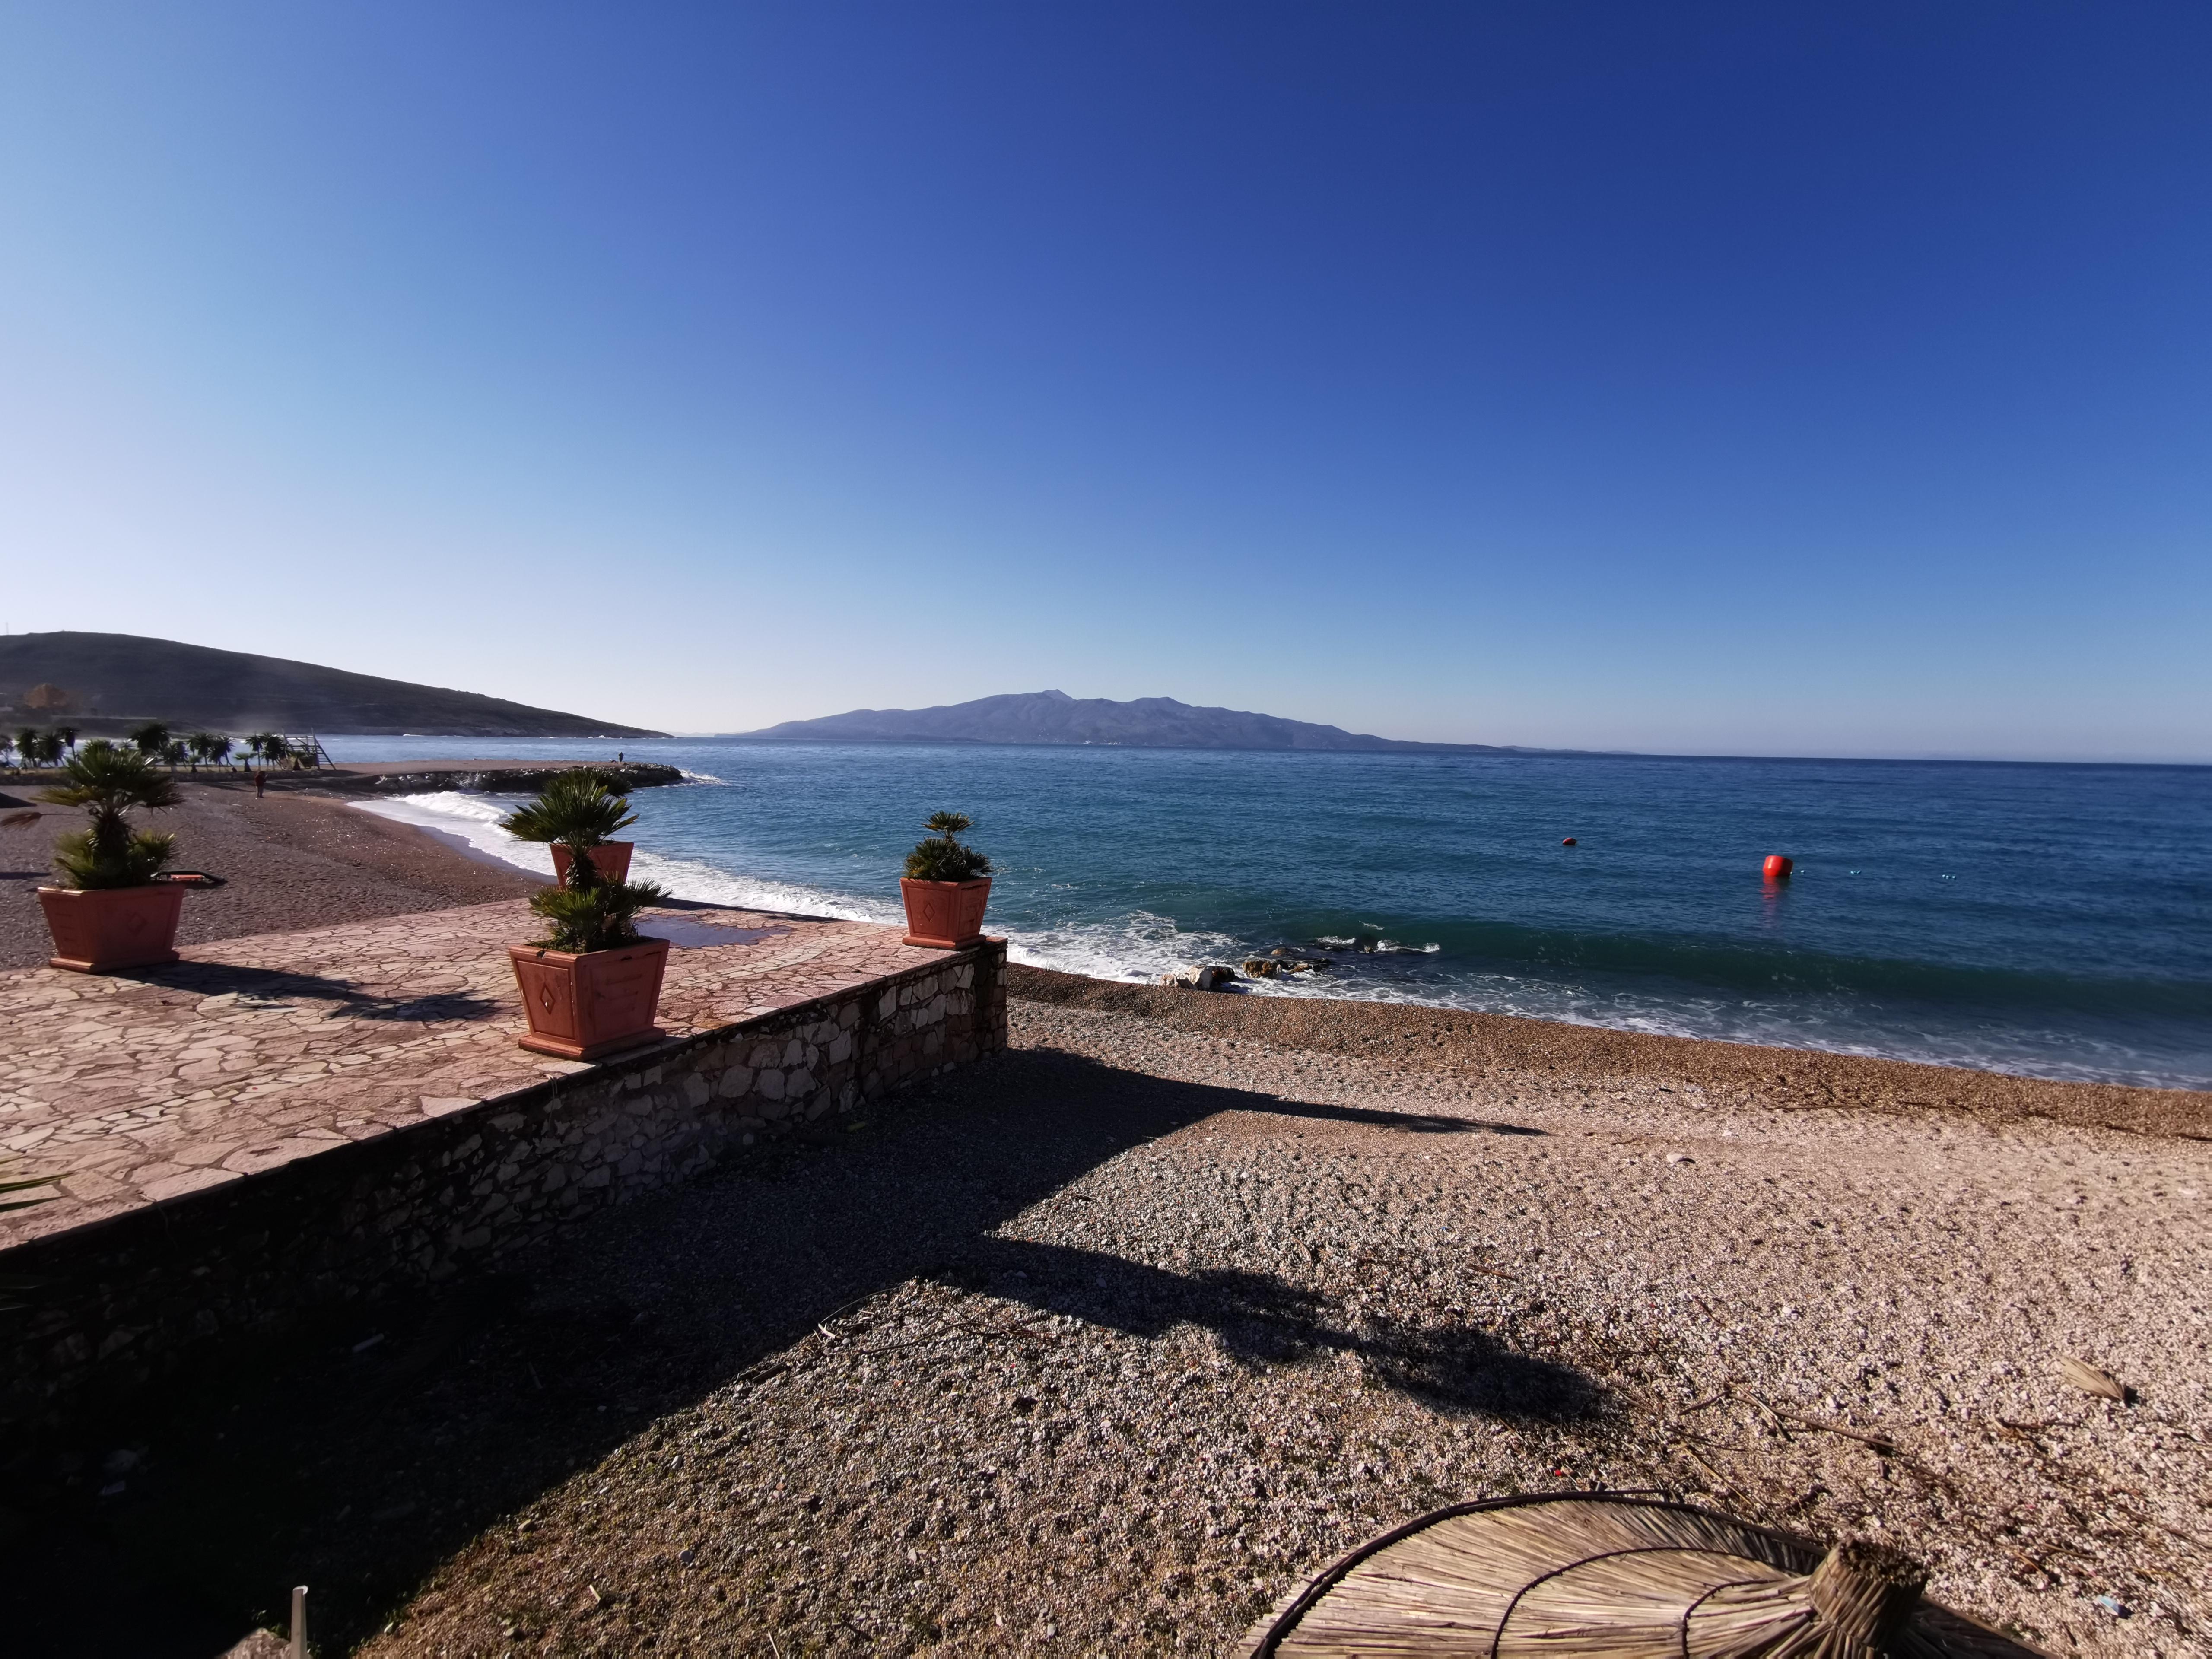 Letovanje Albanija hoteli, Saranda, autobus, Hotel Perla, pogled  na more